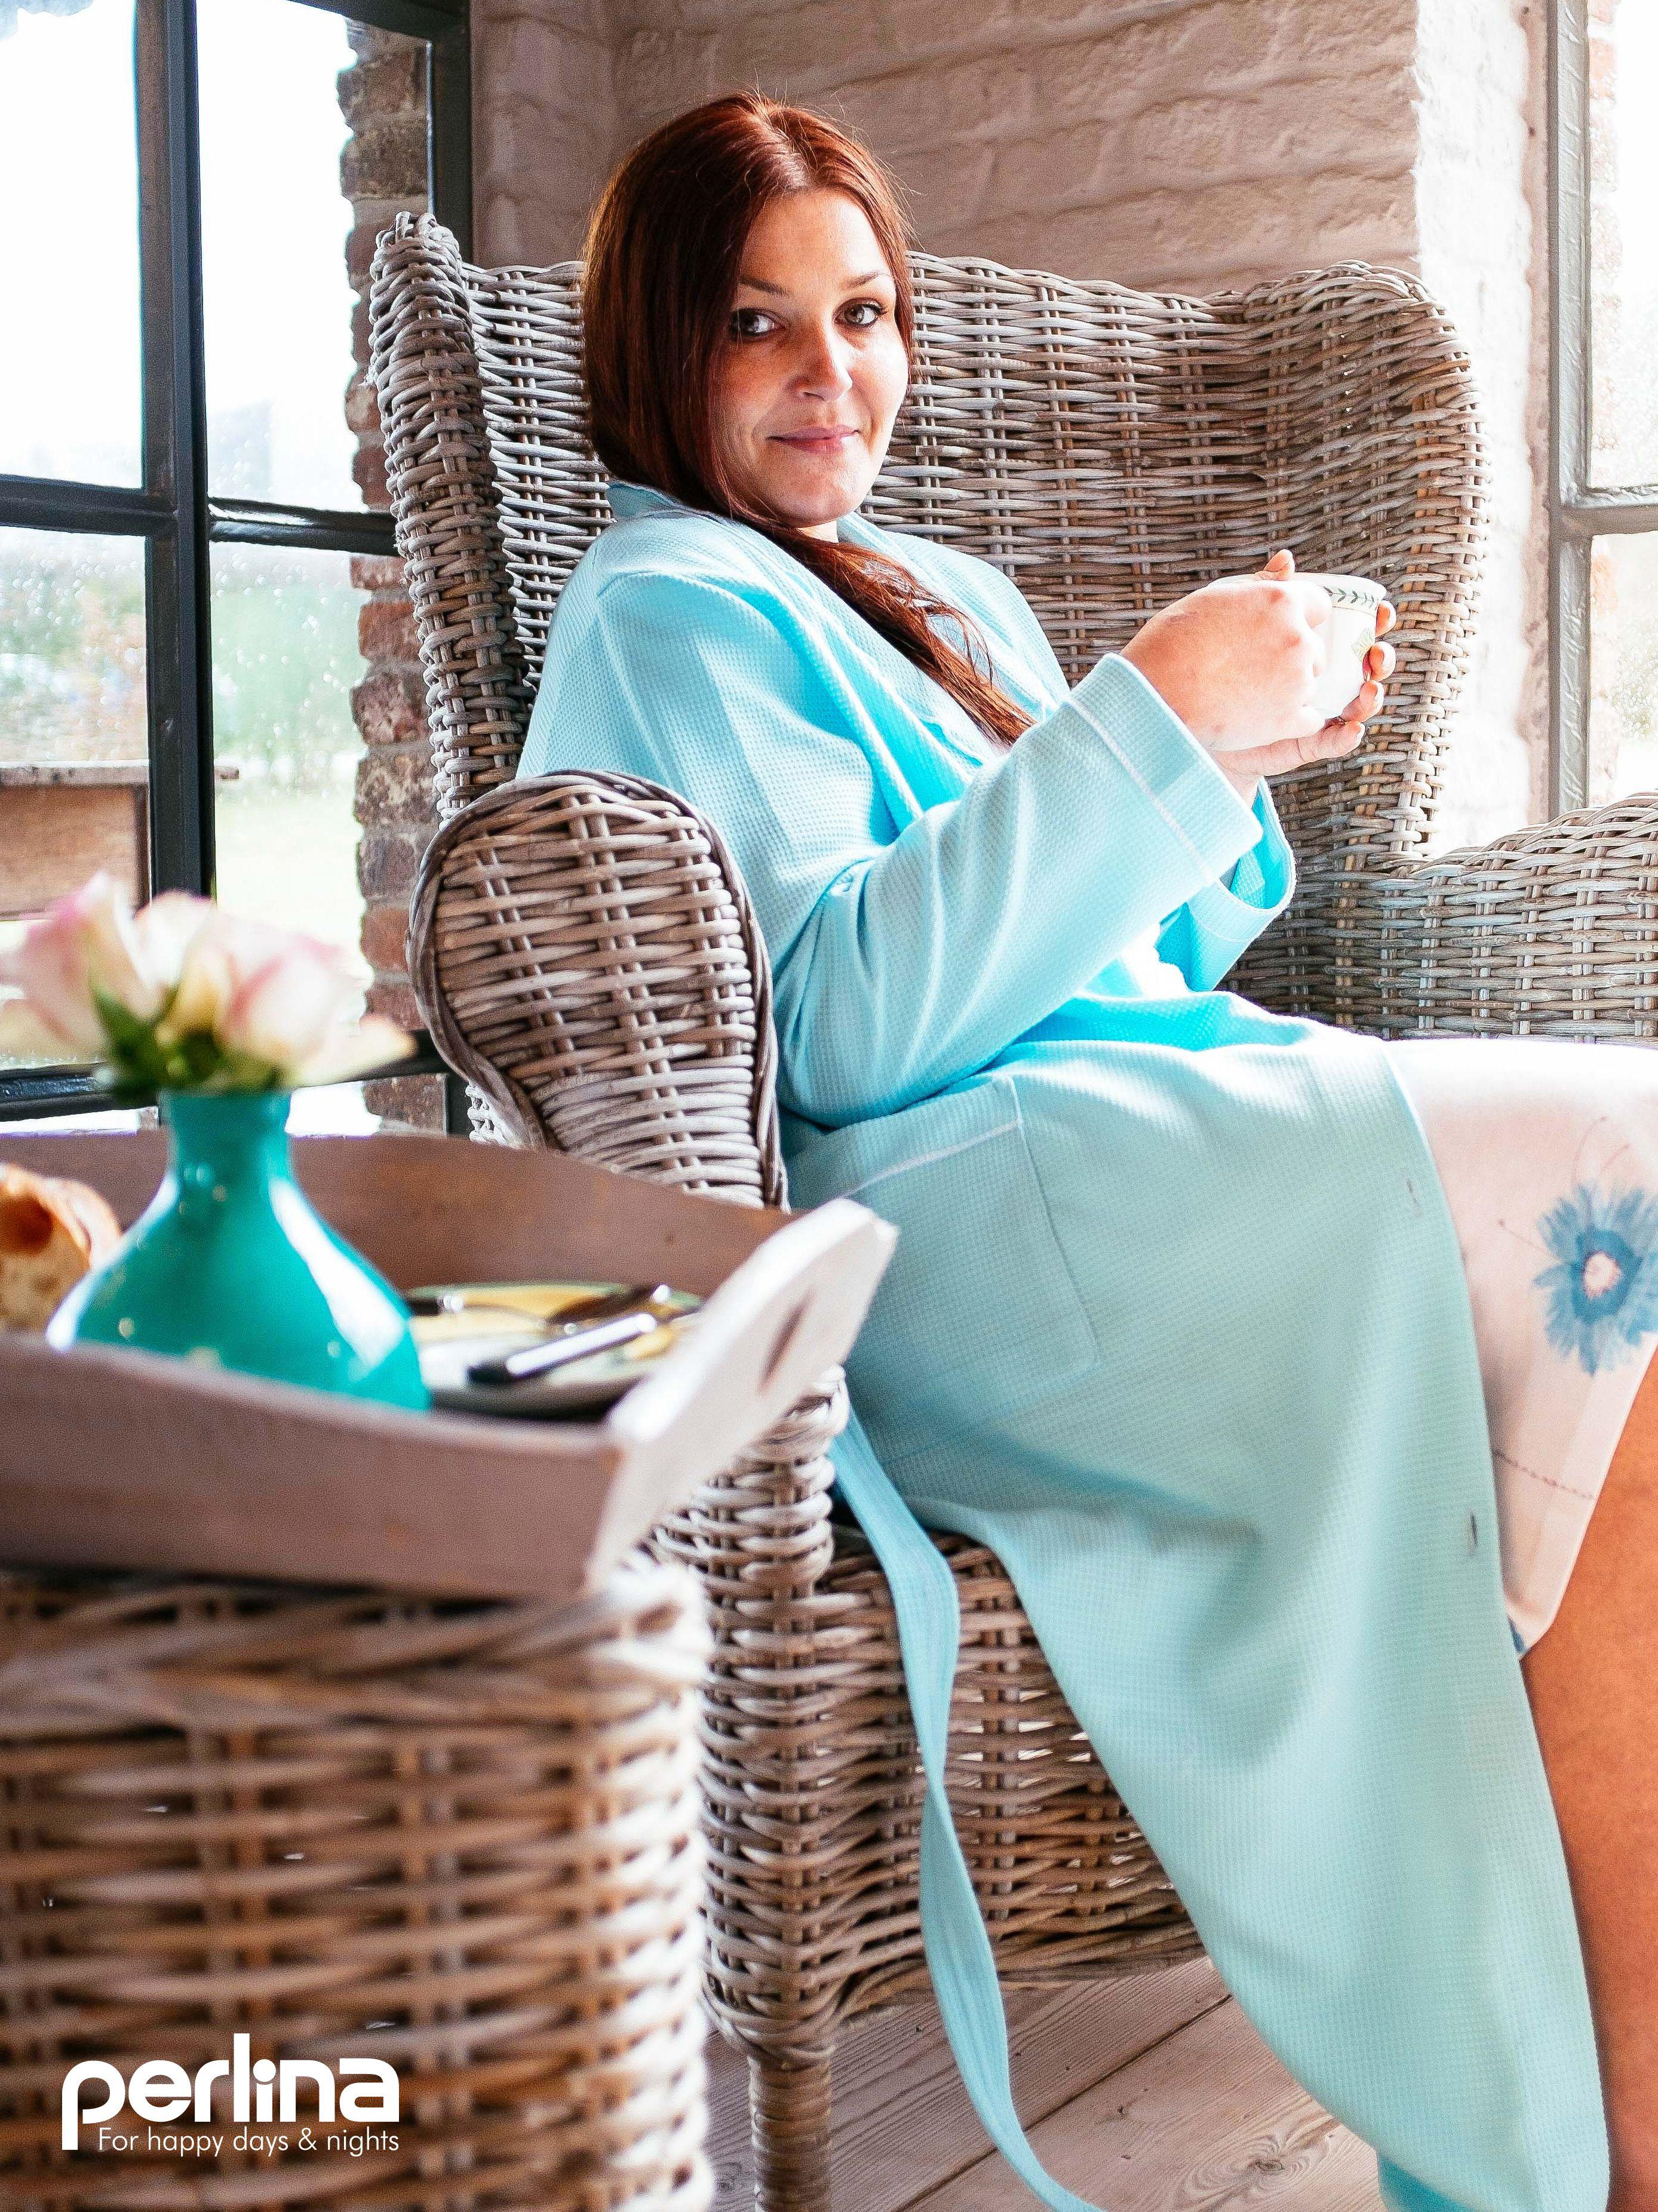 nachtkledij dames en heren Perlina, zelfs voor een maatje meer www.perlina.be